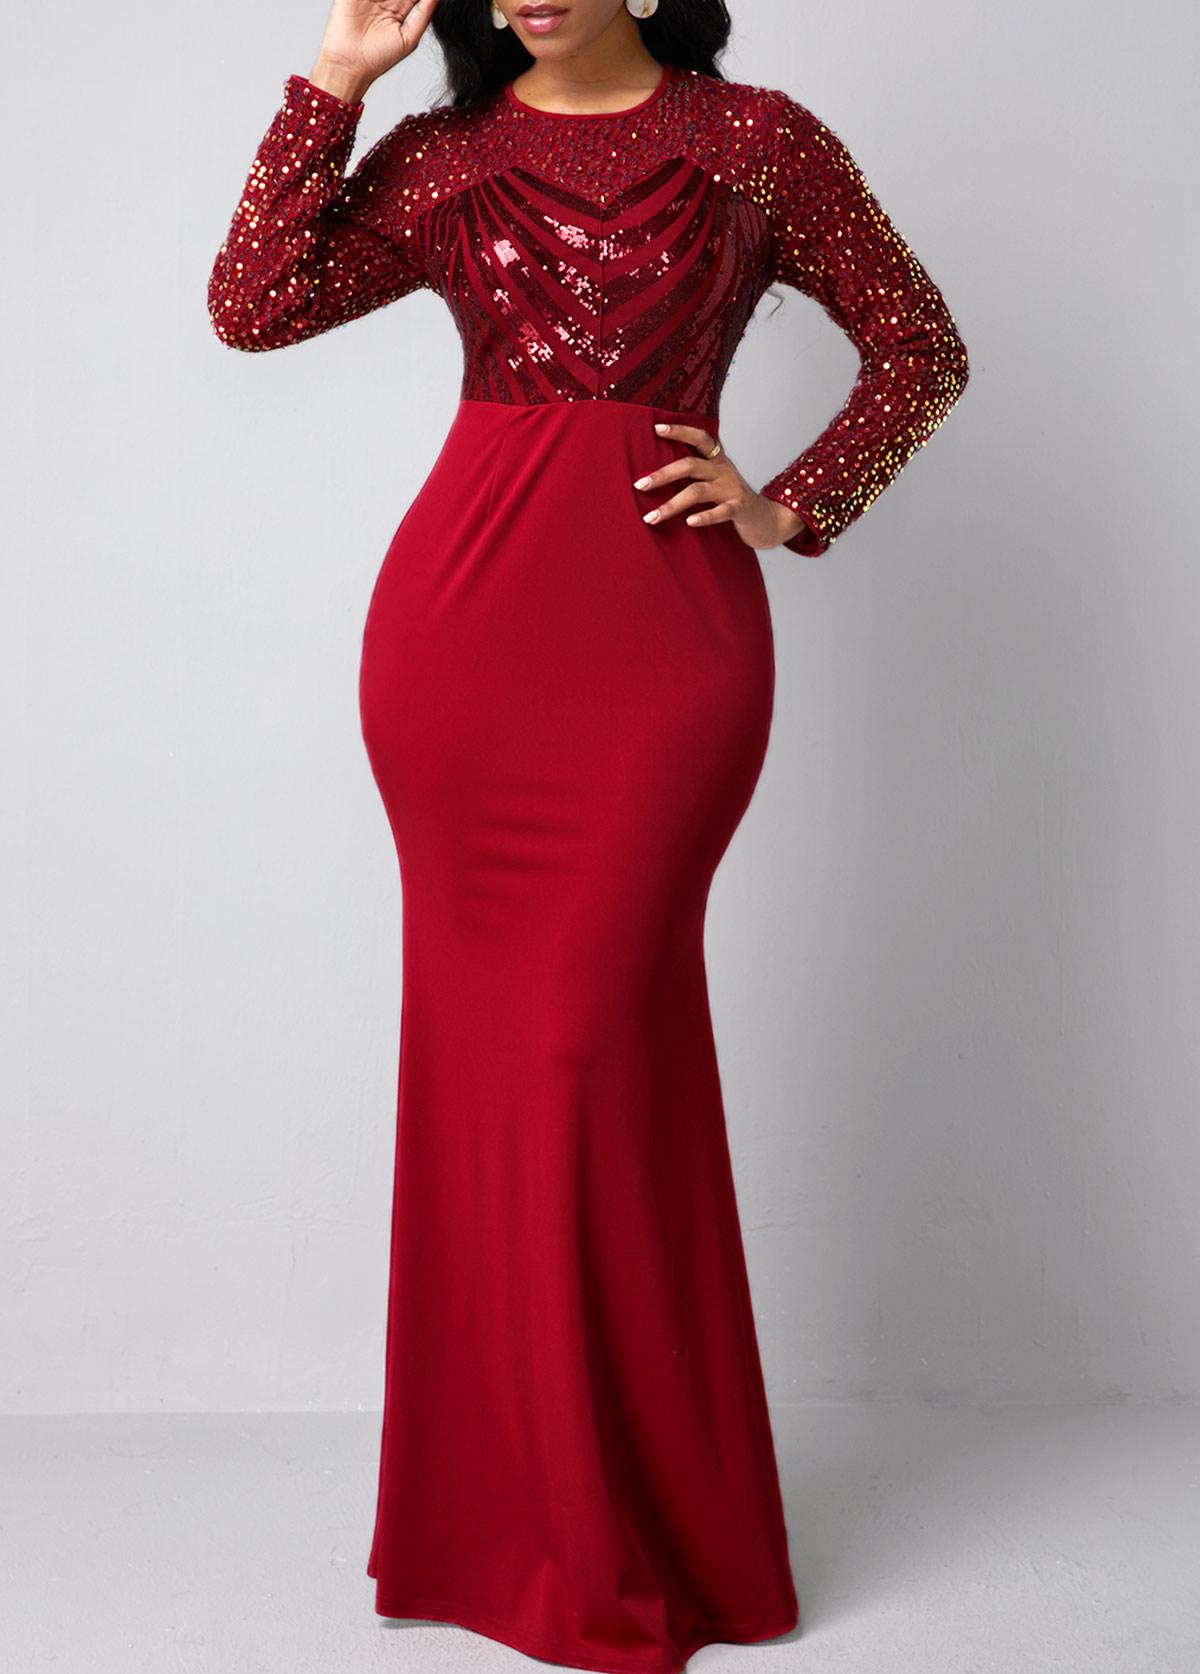 Sequin Detail Long Sleeve Red Mermaid Dress